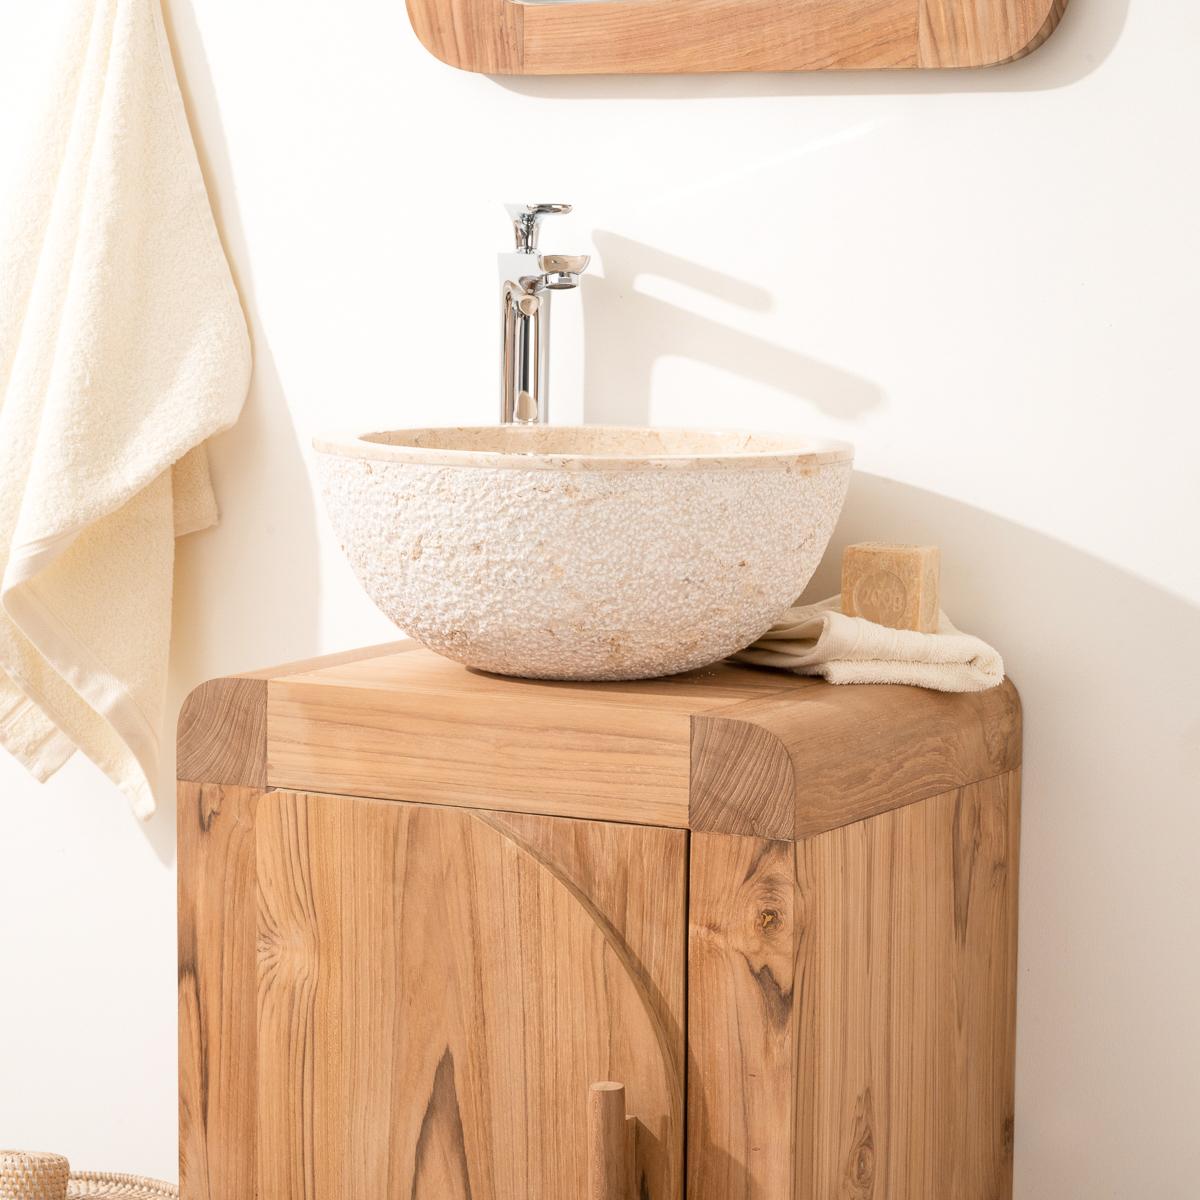 Meuble sous vasque simple vasque en bois teck massif for Salle de bain moderne petit espace